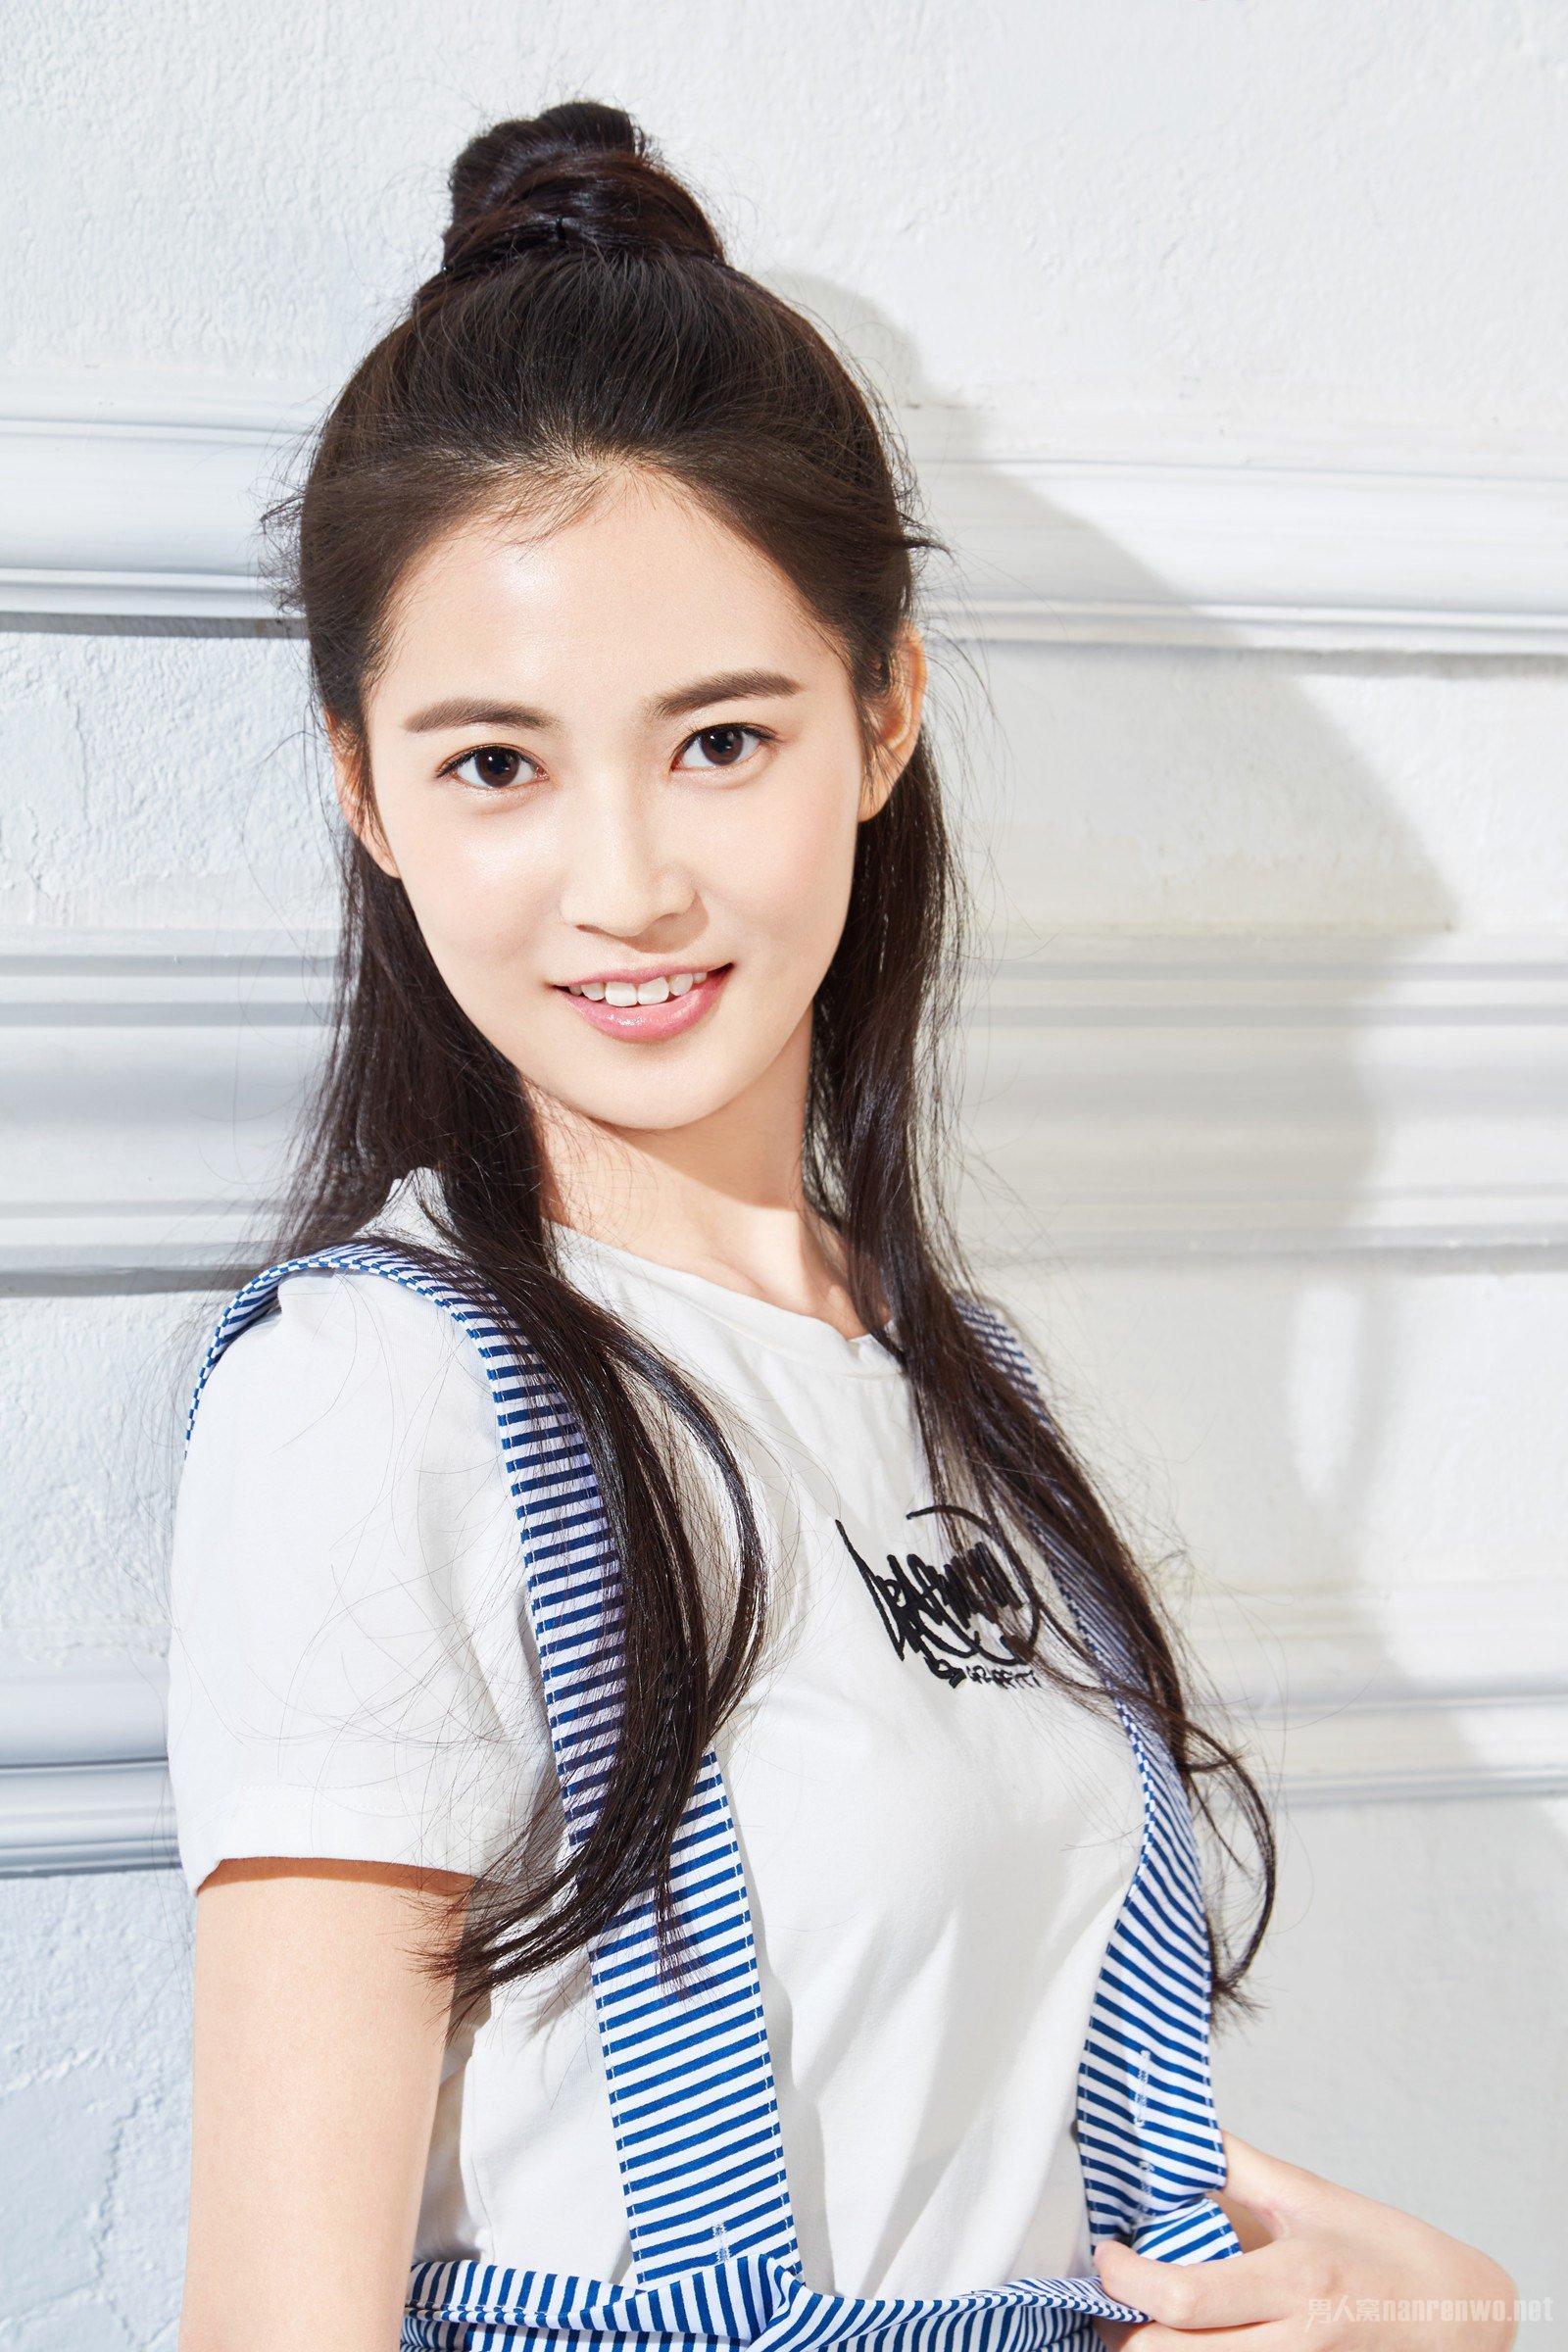 Yuqi Chen Imdb